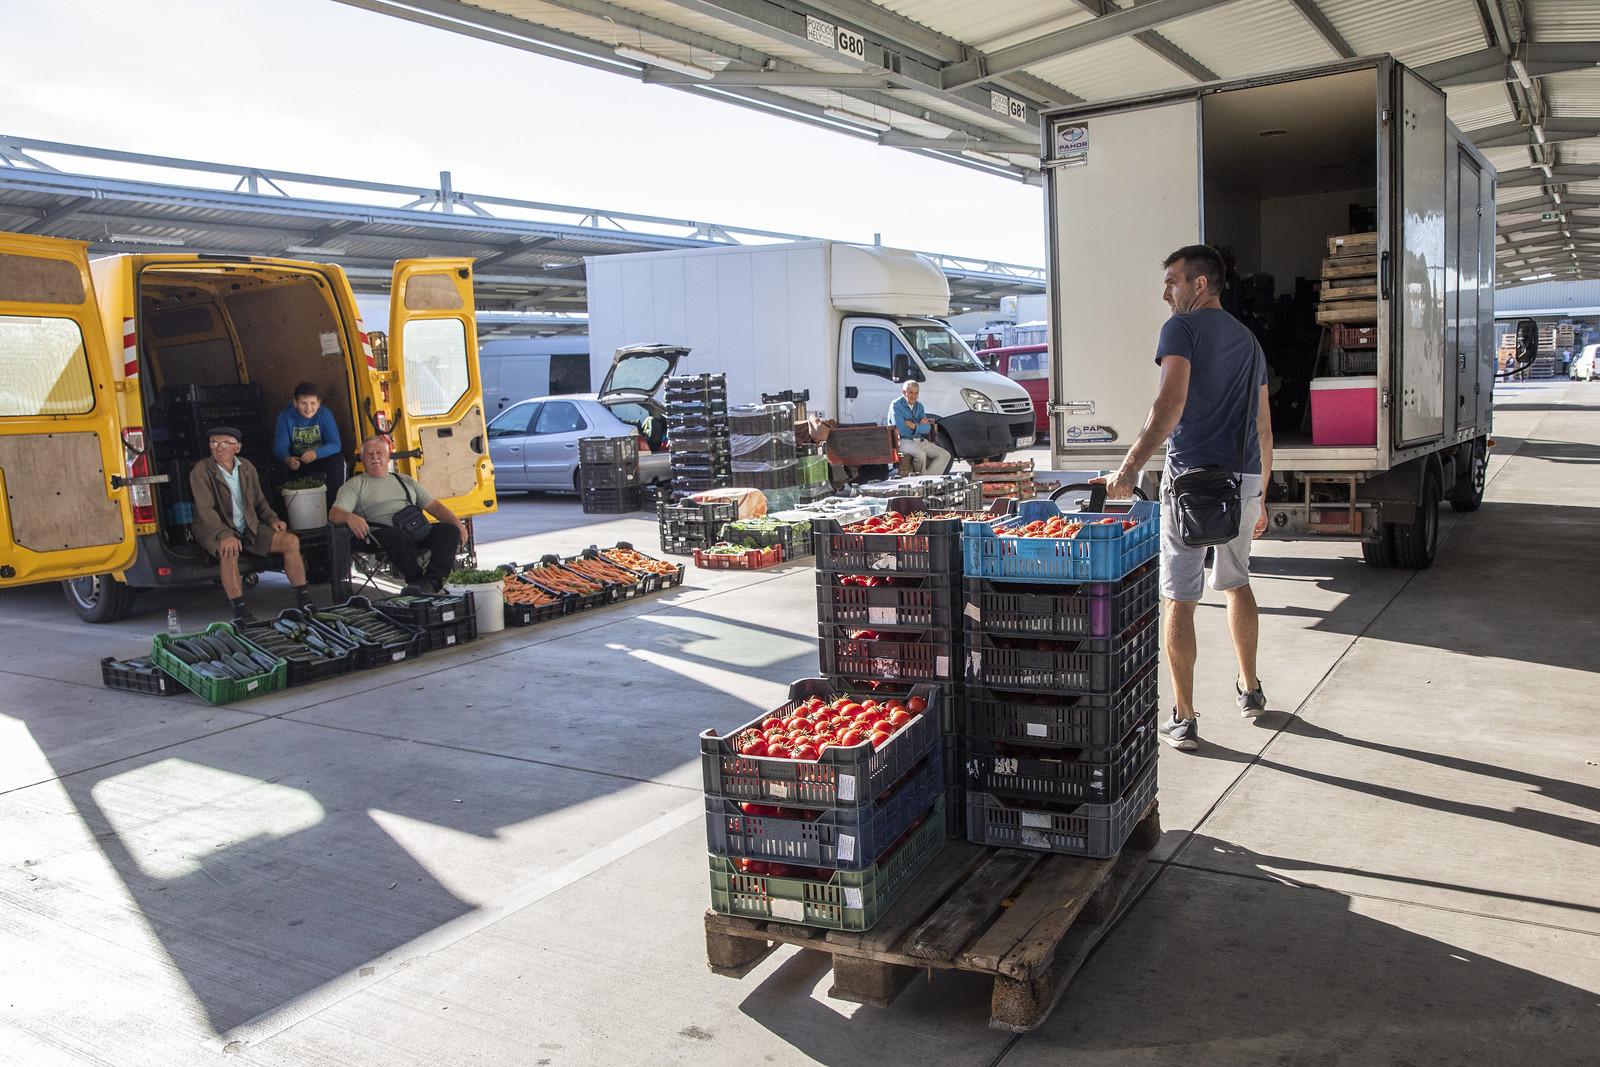 10 ezer négyzetméteres zöldség- és gyümölcskezelő hűtőházat építenek a régi dorozsmai nagybani piac helyén